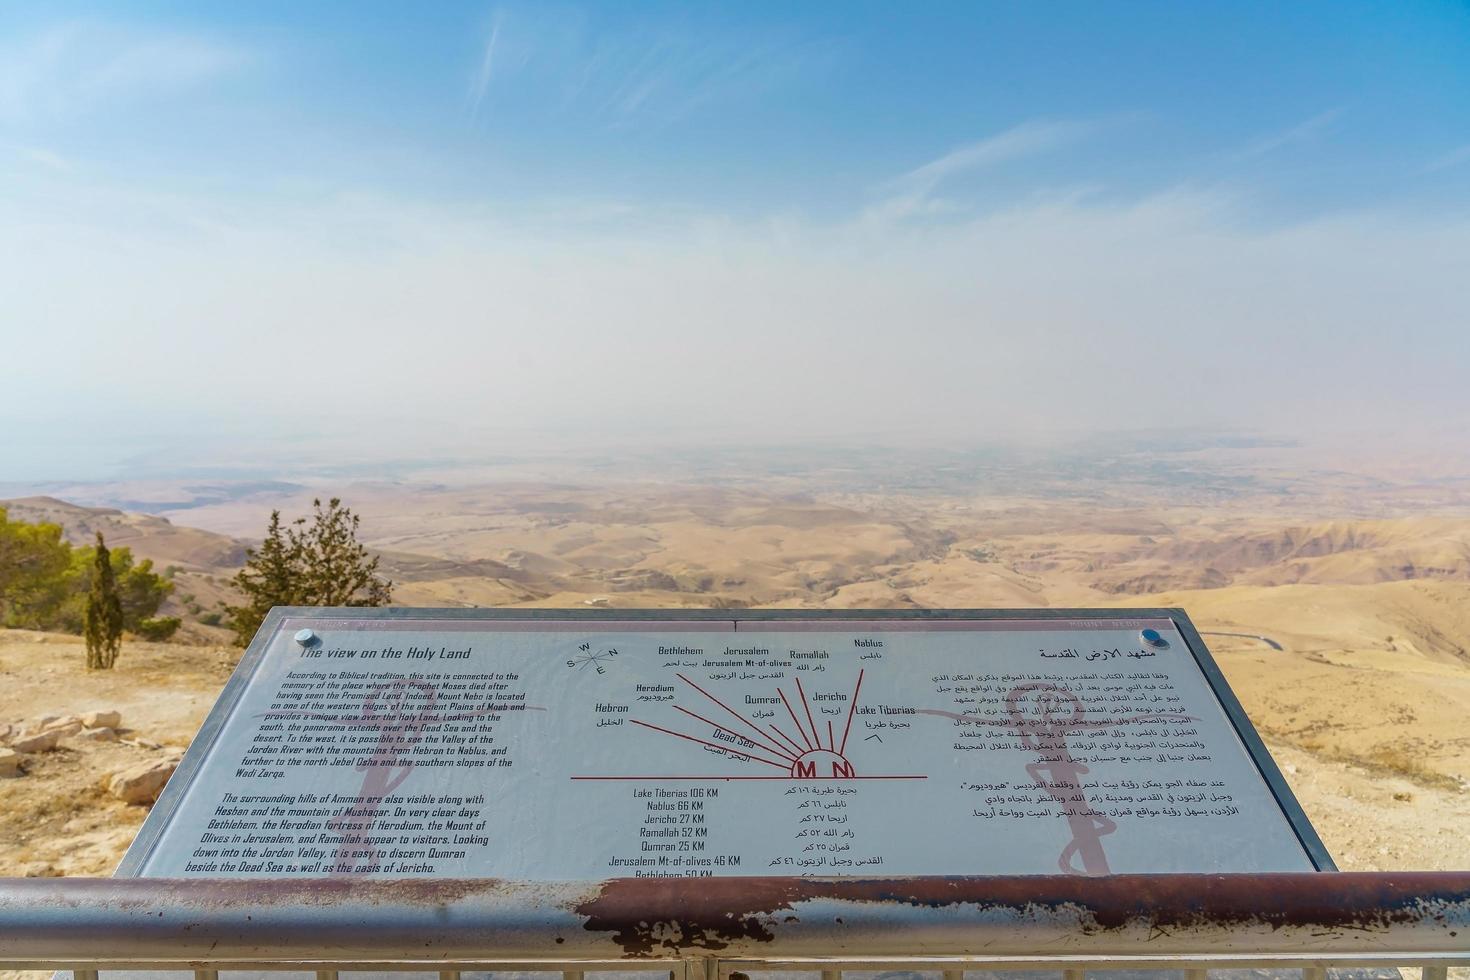 mount nebo, jordanië 2018 - uitzicht in mount nebo met uitzicht op het heilige land en de dode zee foto